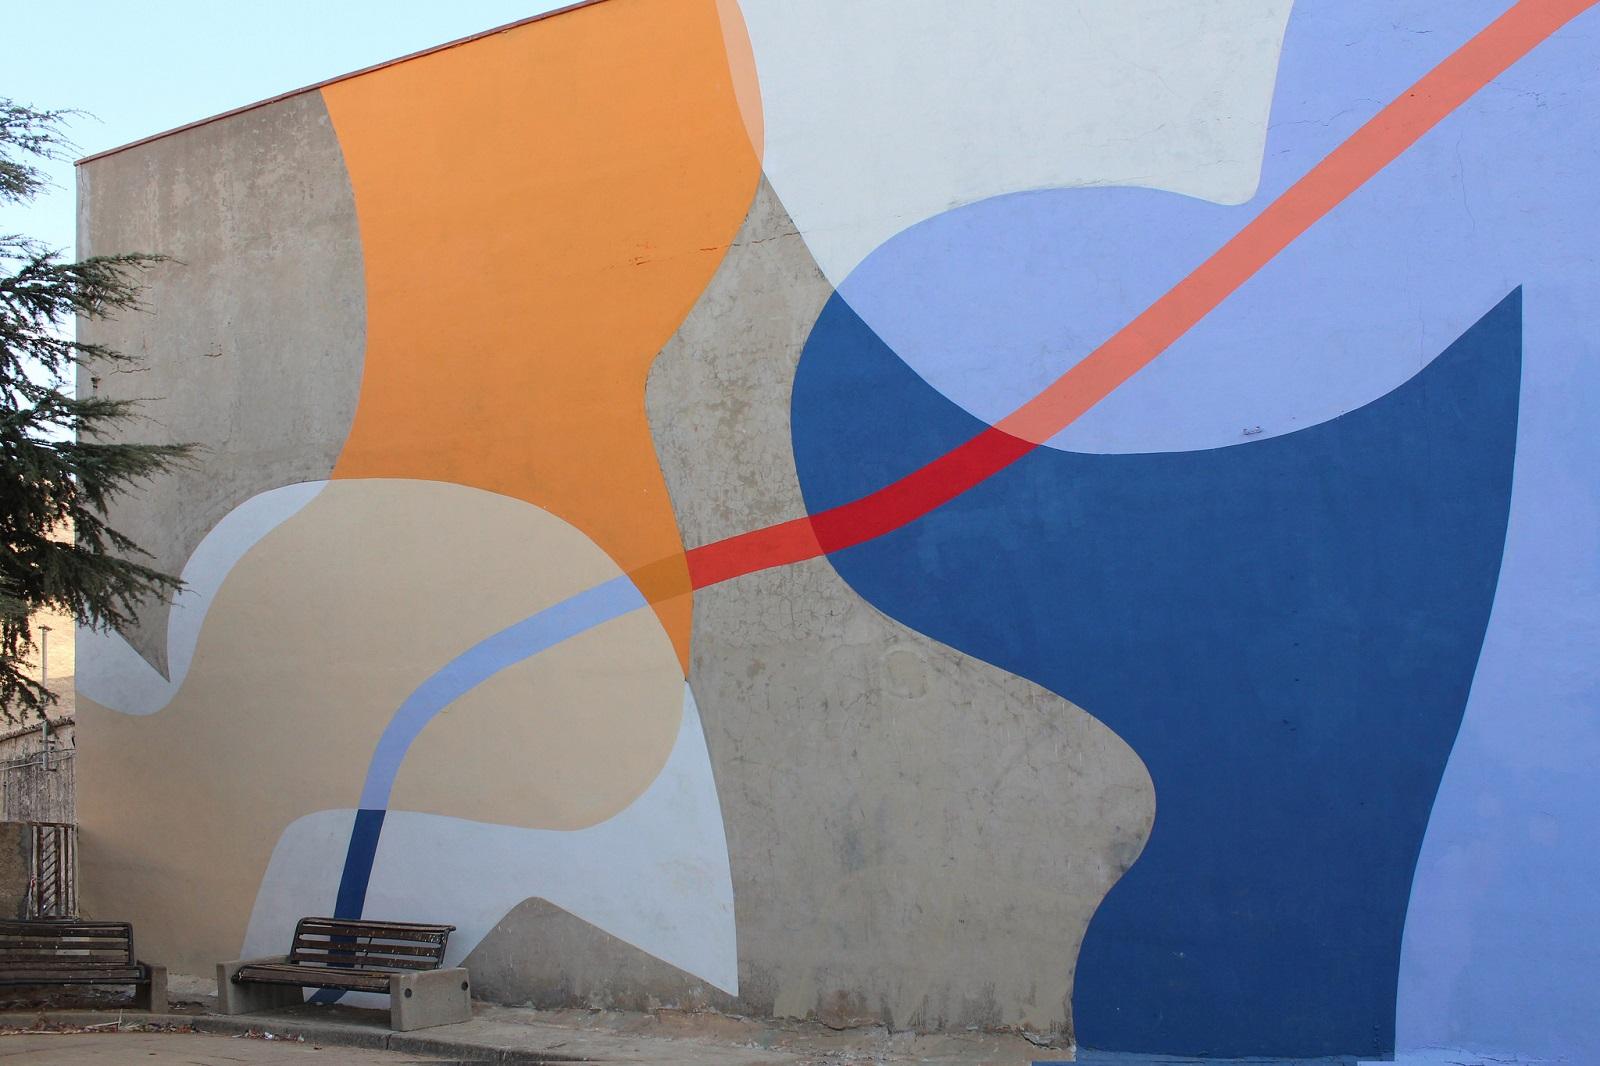 gue-new-murals-in-castrofilippo-and-modica-01